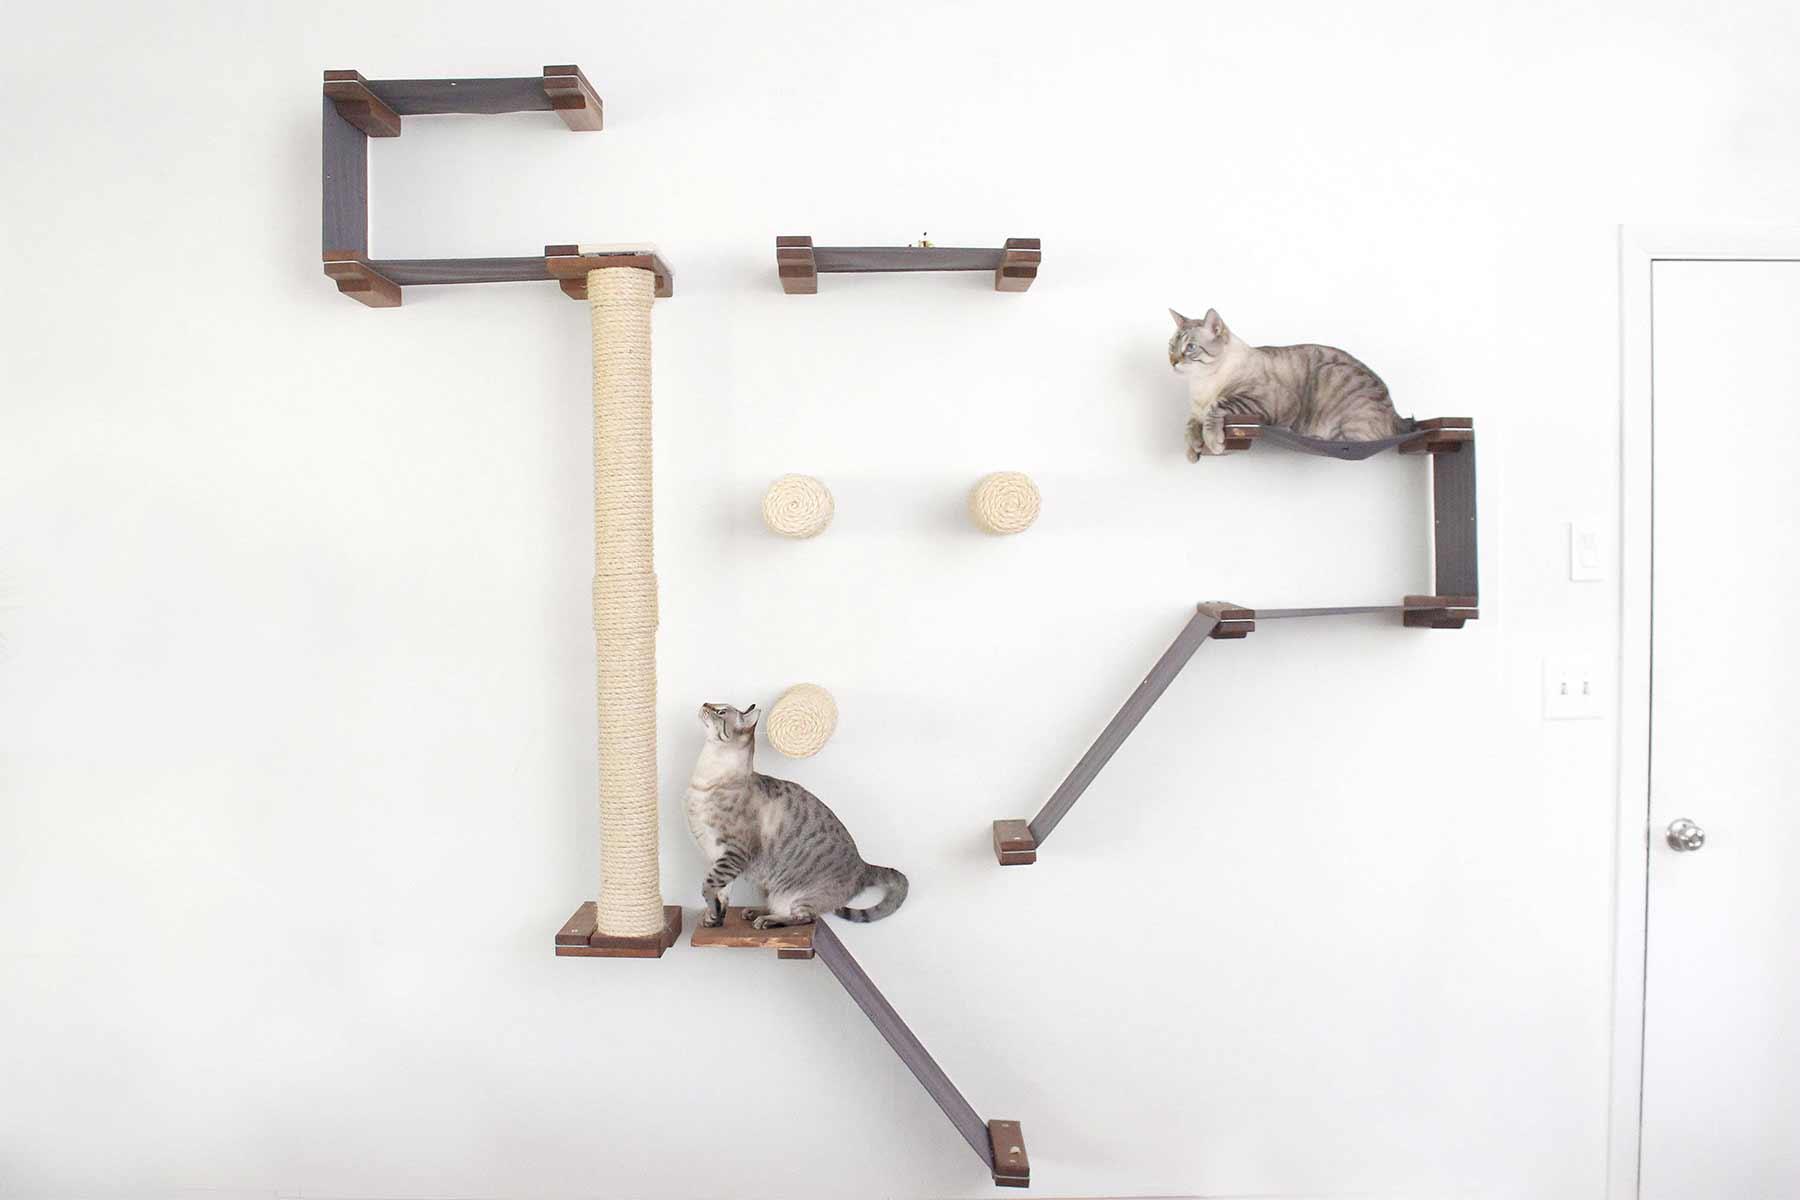 Modulares Katzenspielplatz-System für die Wand CatastrophiCreations-katzenspielplatz-wand-system_06